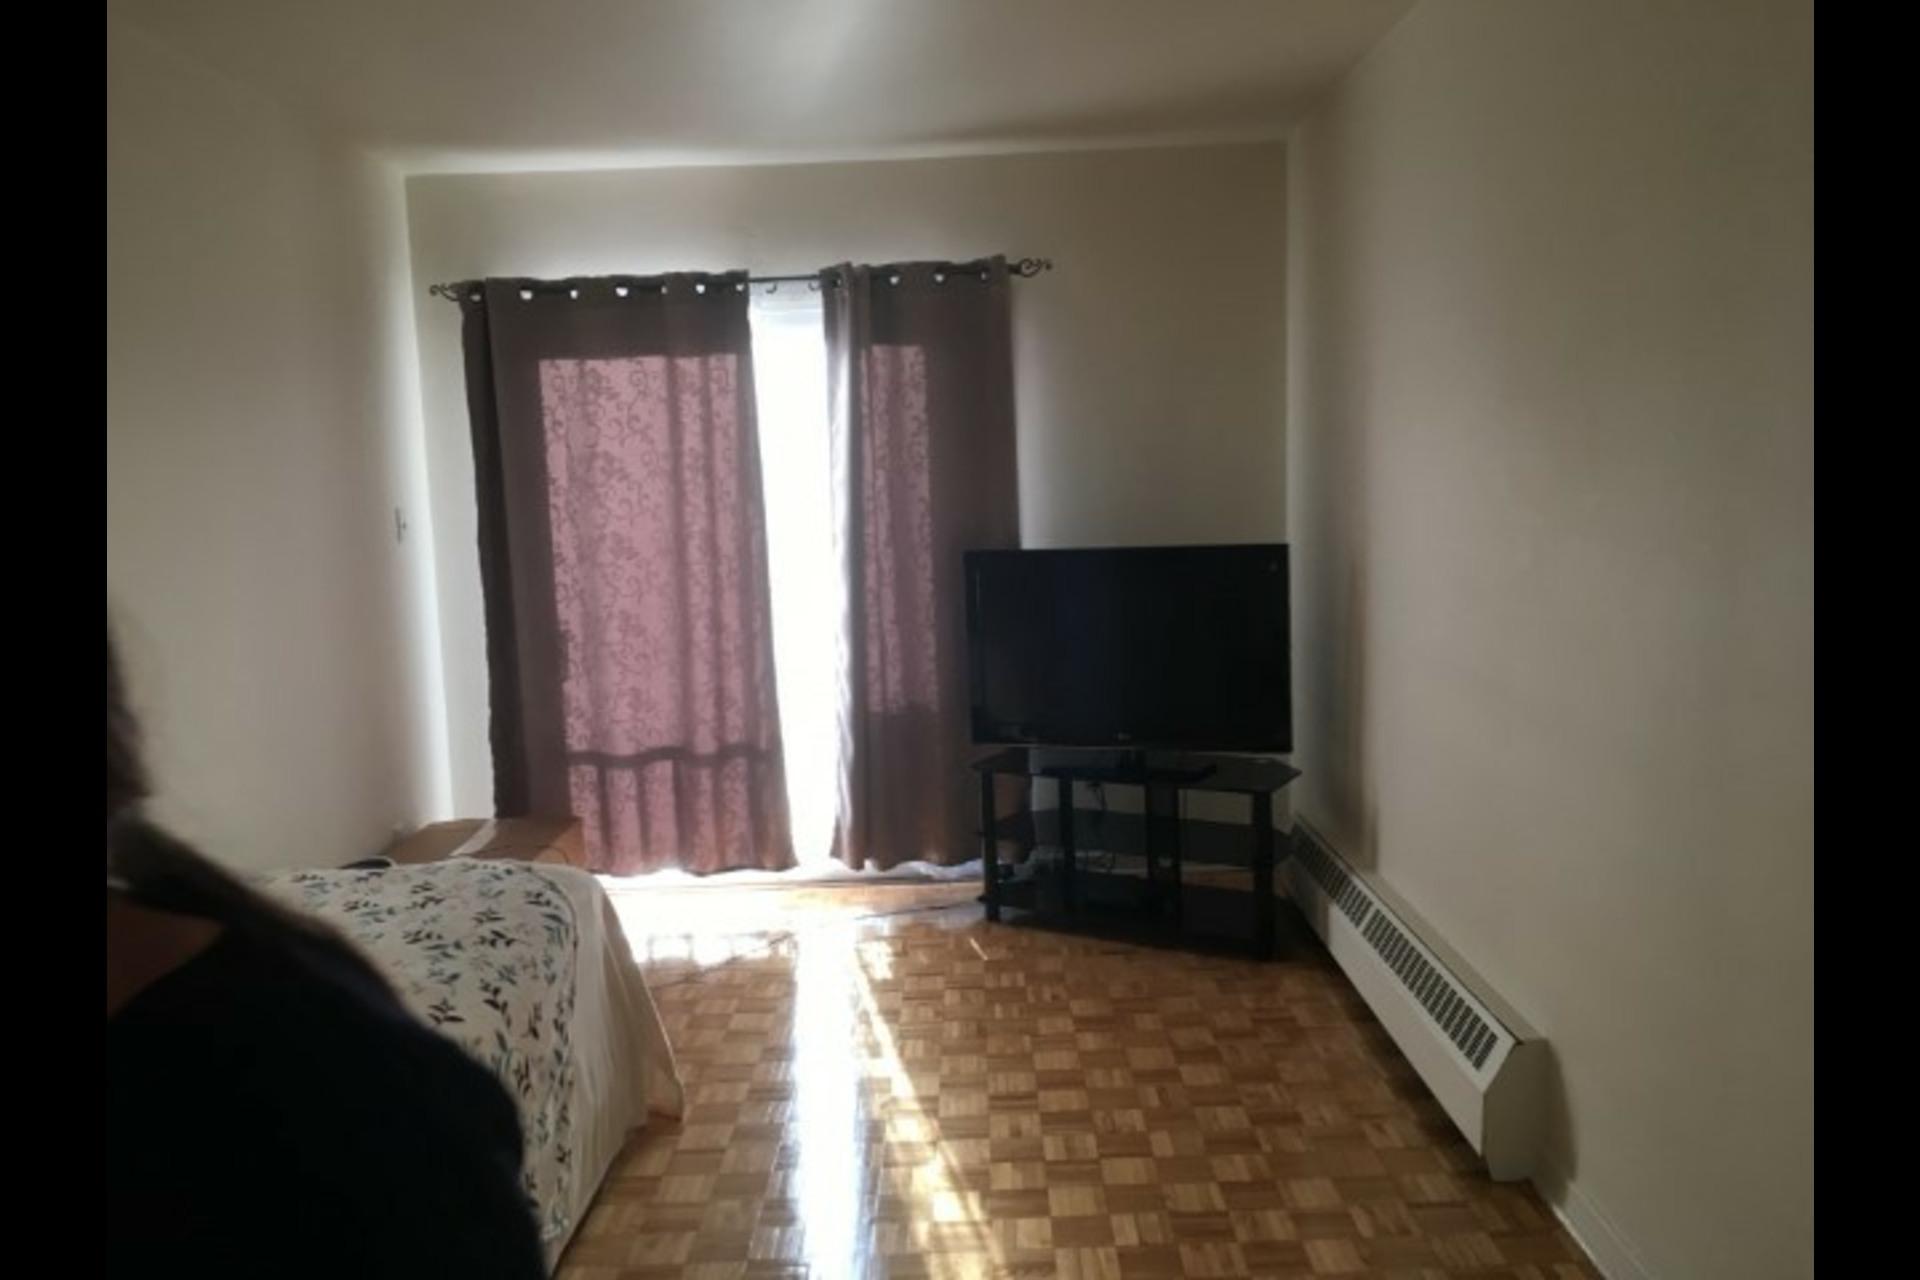 image 4 - Appartement À louer Montréal Saint-Leonard - 3 pièces